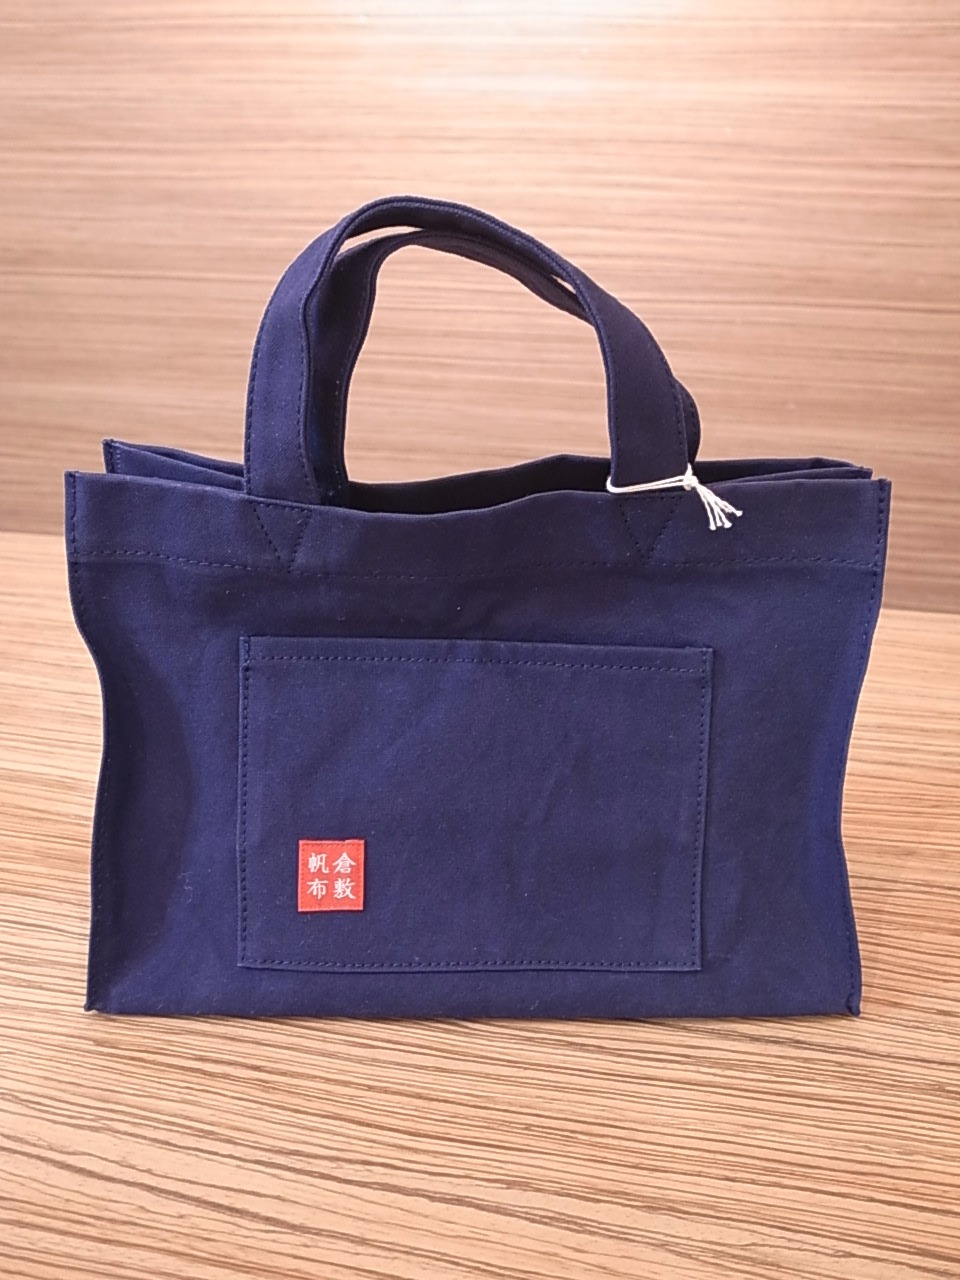 倉敷帆布のバッグ_f0207748_19133951.jpg